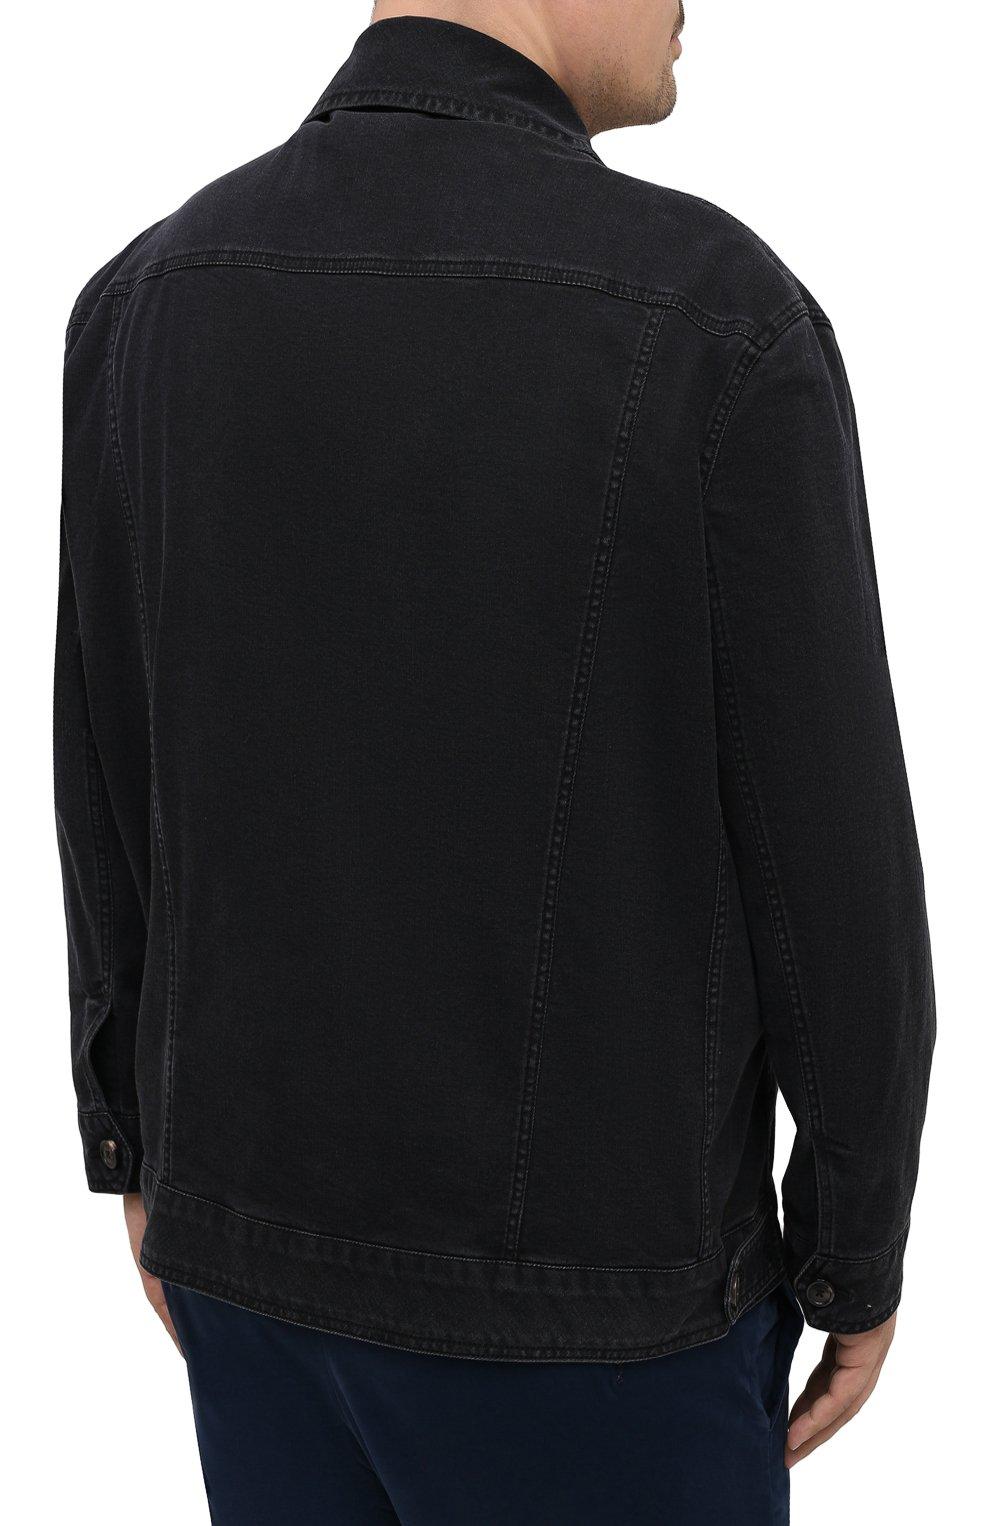 Мужская джинсовая куртка CORTIGIANI темно-серого цвета, арт. 918500/0070/6190/60-70 | Фото 4